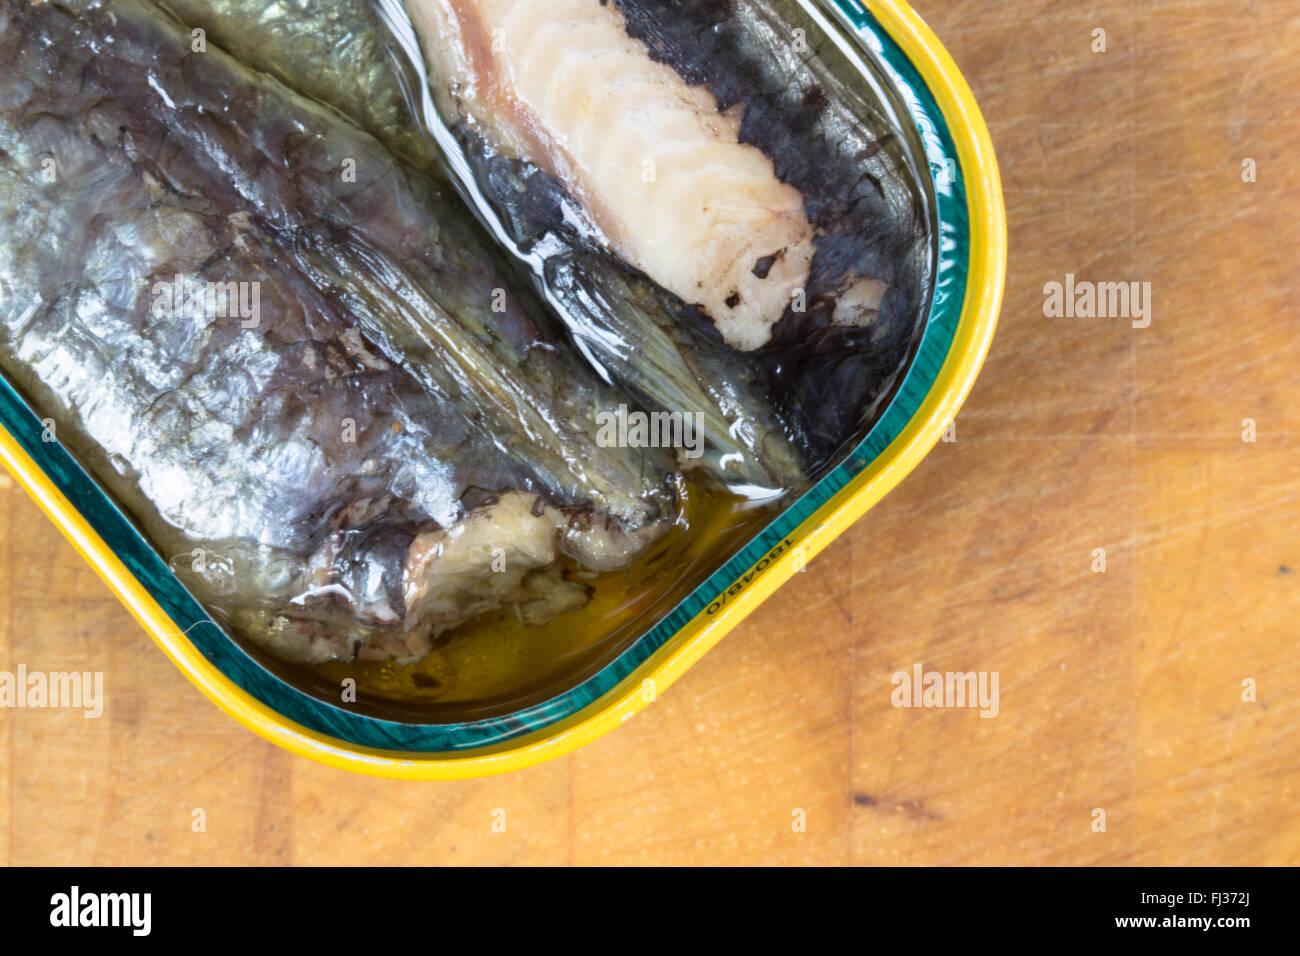 Una macro immagine di conserve, pronto a mangiare, Marocchina di sardine in olio di semi di girasole presentato in cui è aperto lo stagno. Foto Stock